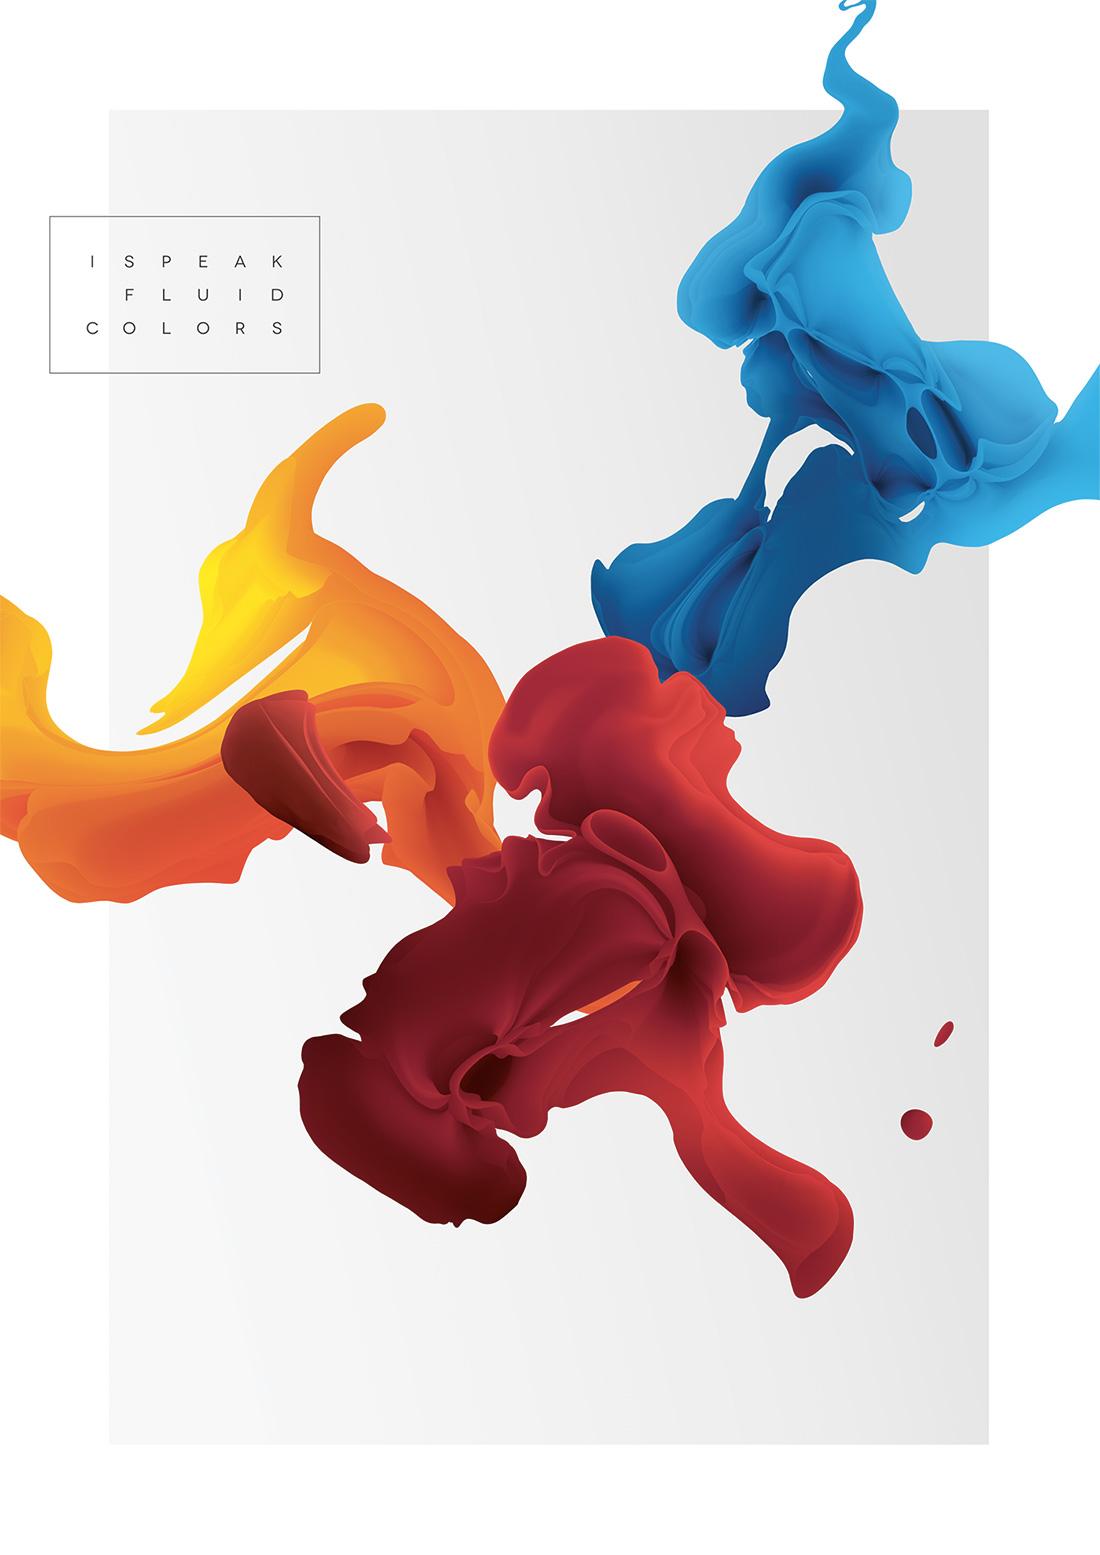 Пересечение стилей в графическом дизайне